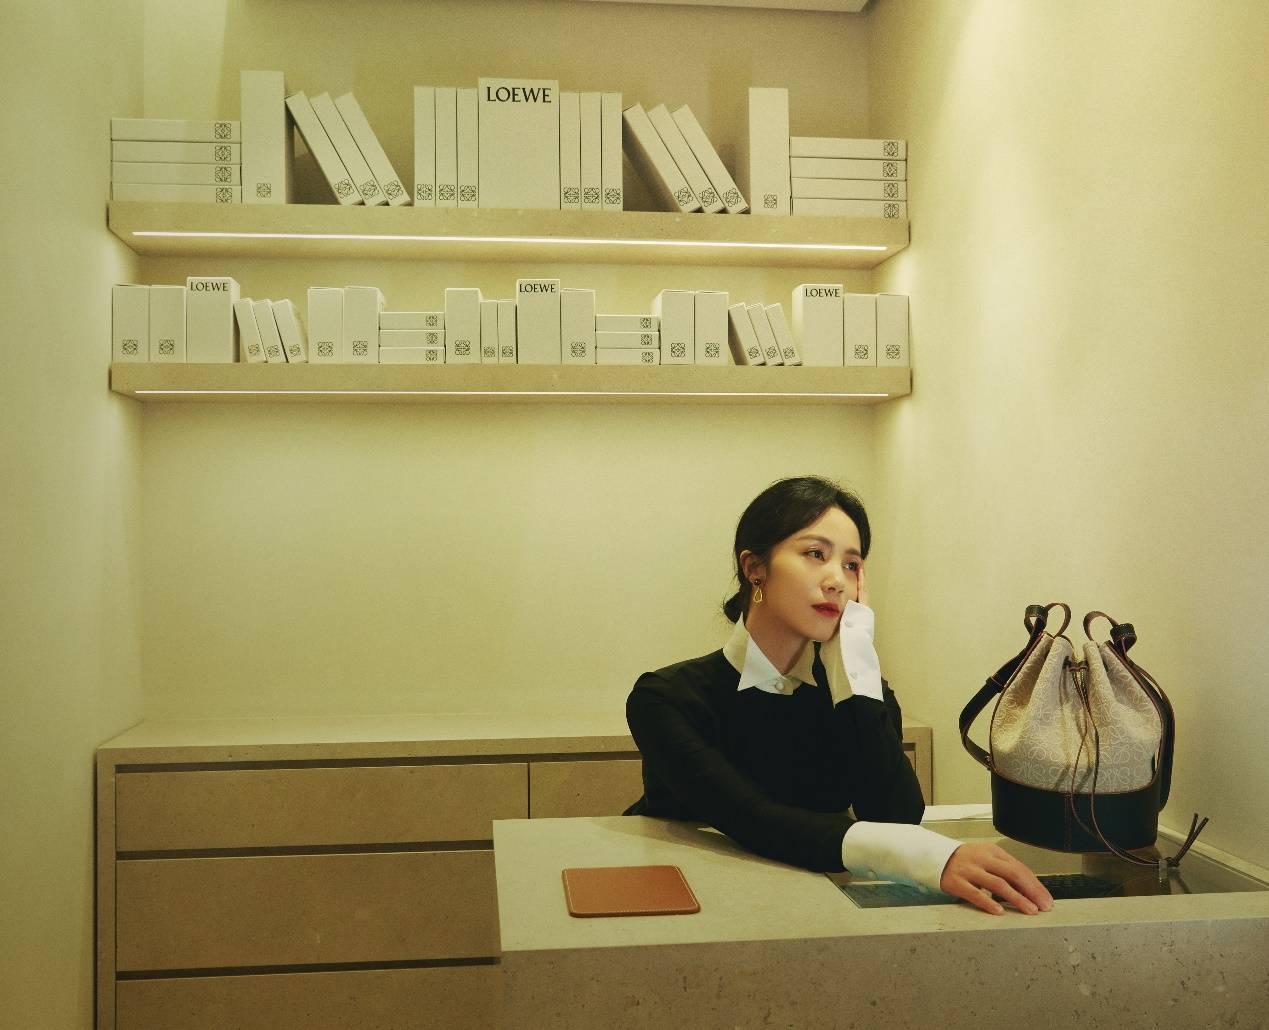 43岁的黄磊老婆孙莉依旧拥有少女风韵,直言女儿多多的穿搭都学她!